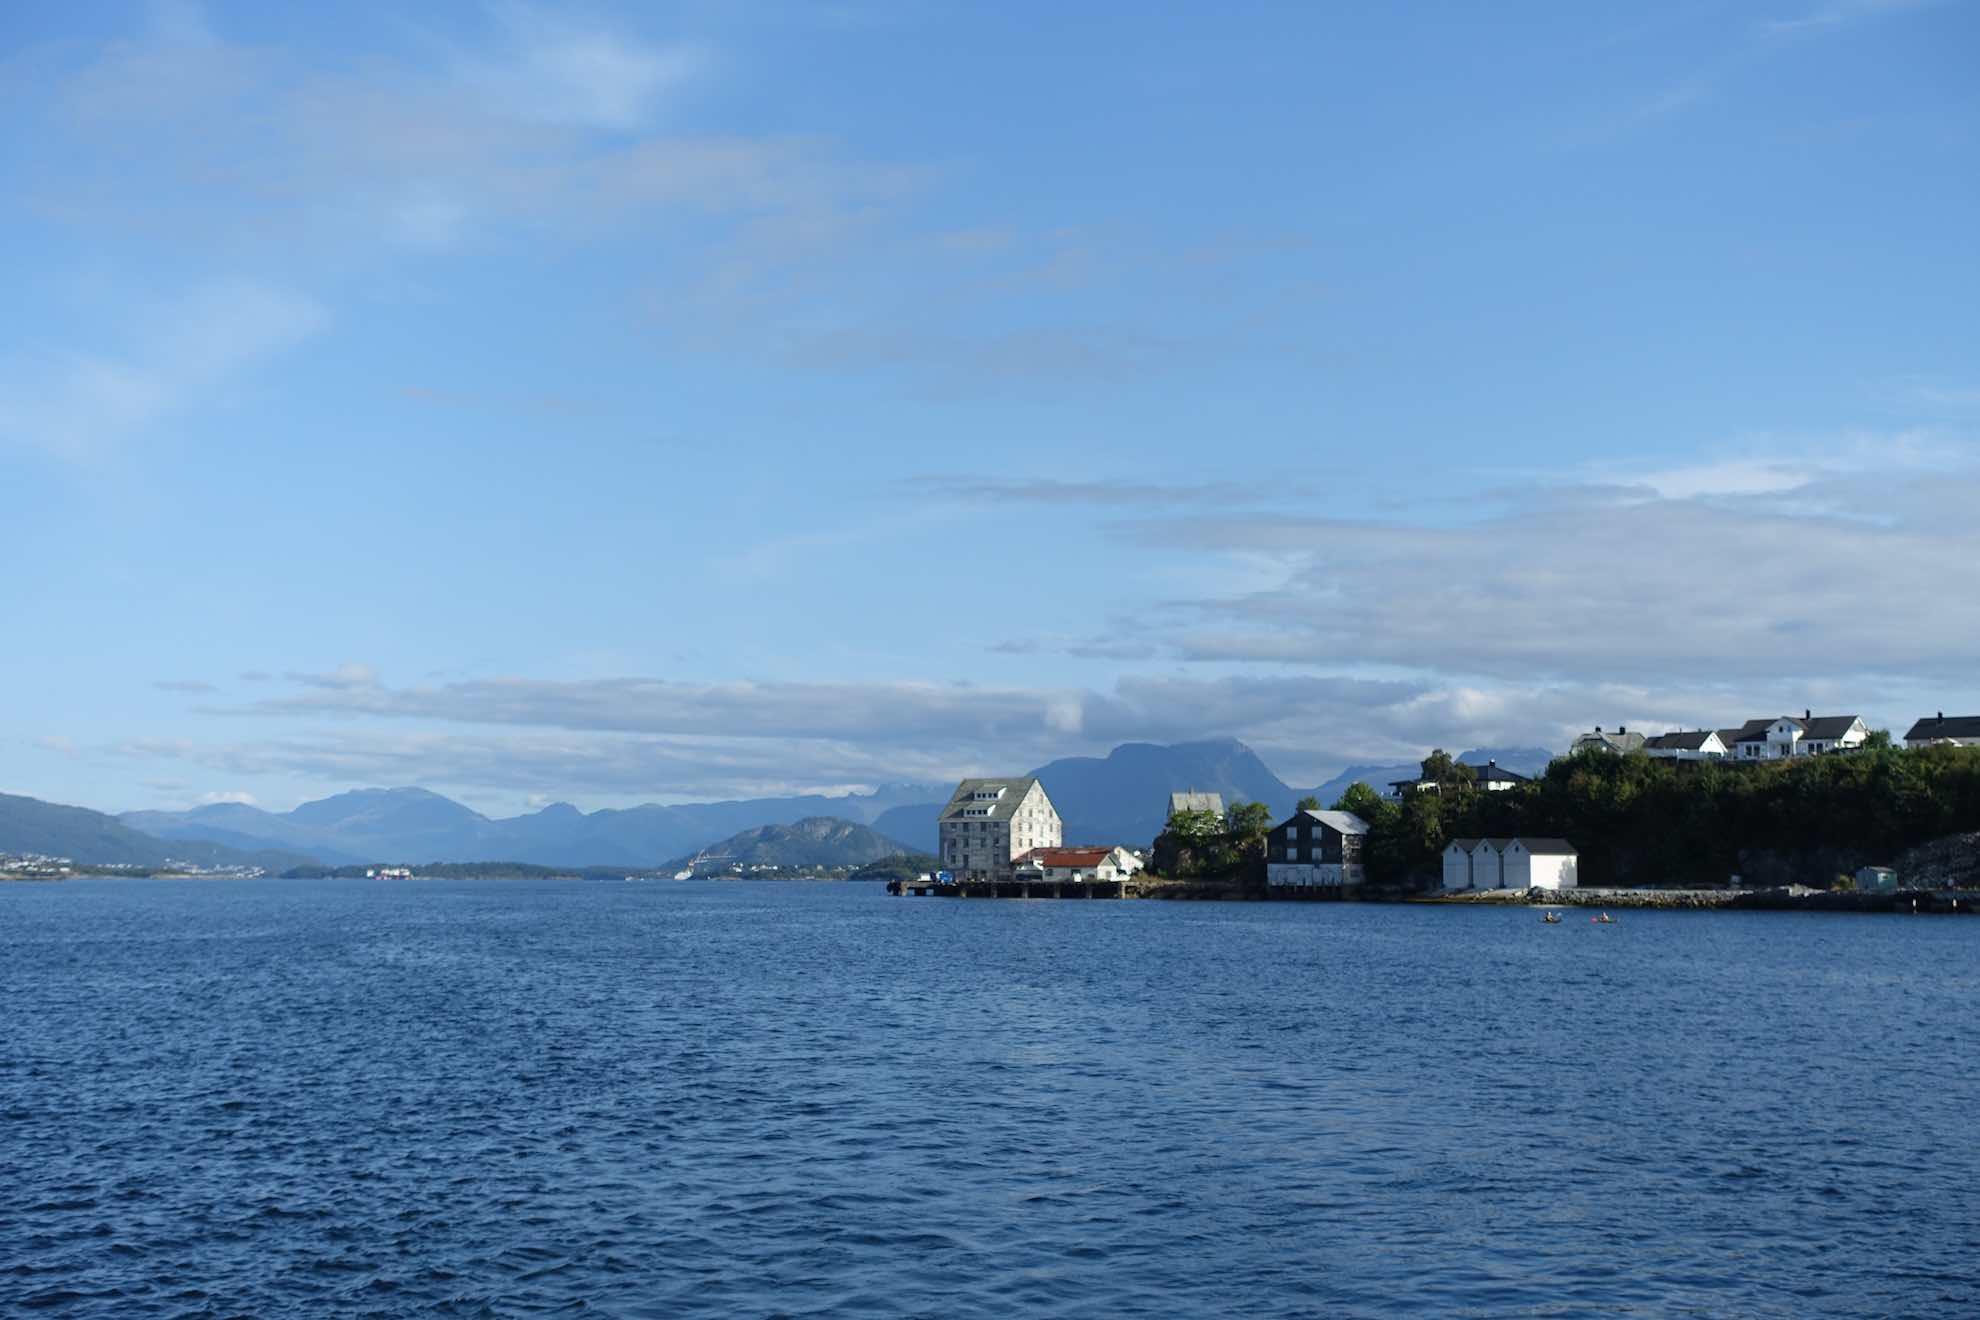 ... der Hafenstadt am Eingang zum berühmten Geirangerfjord.